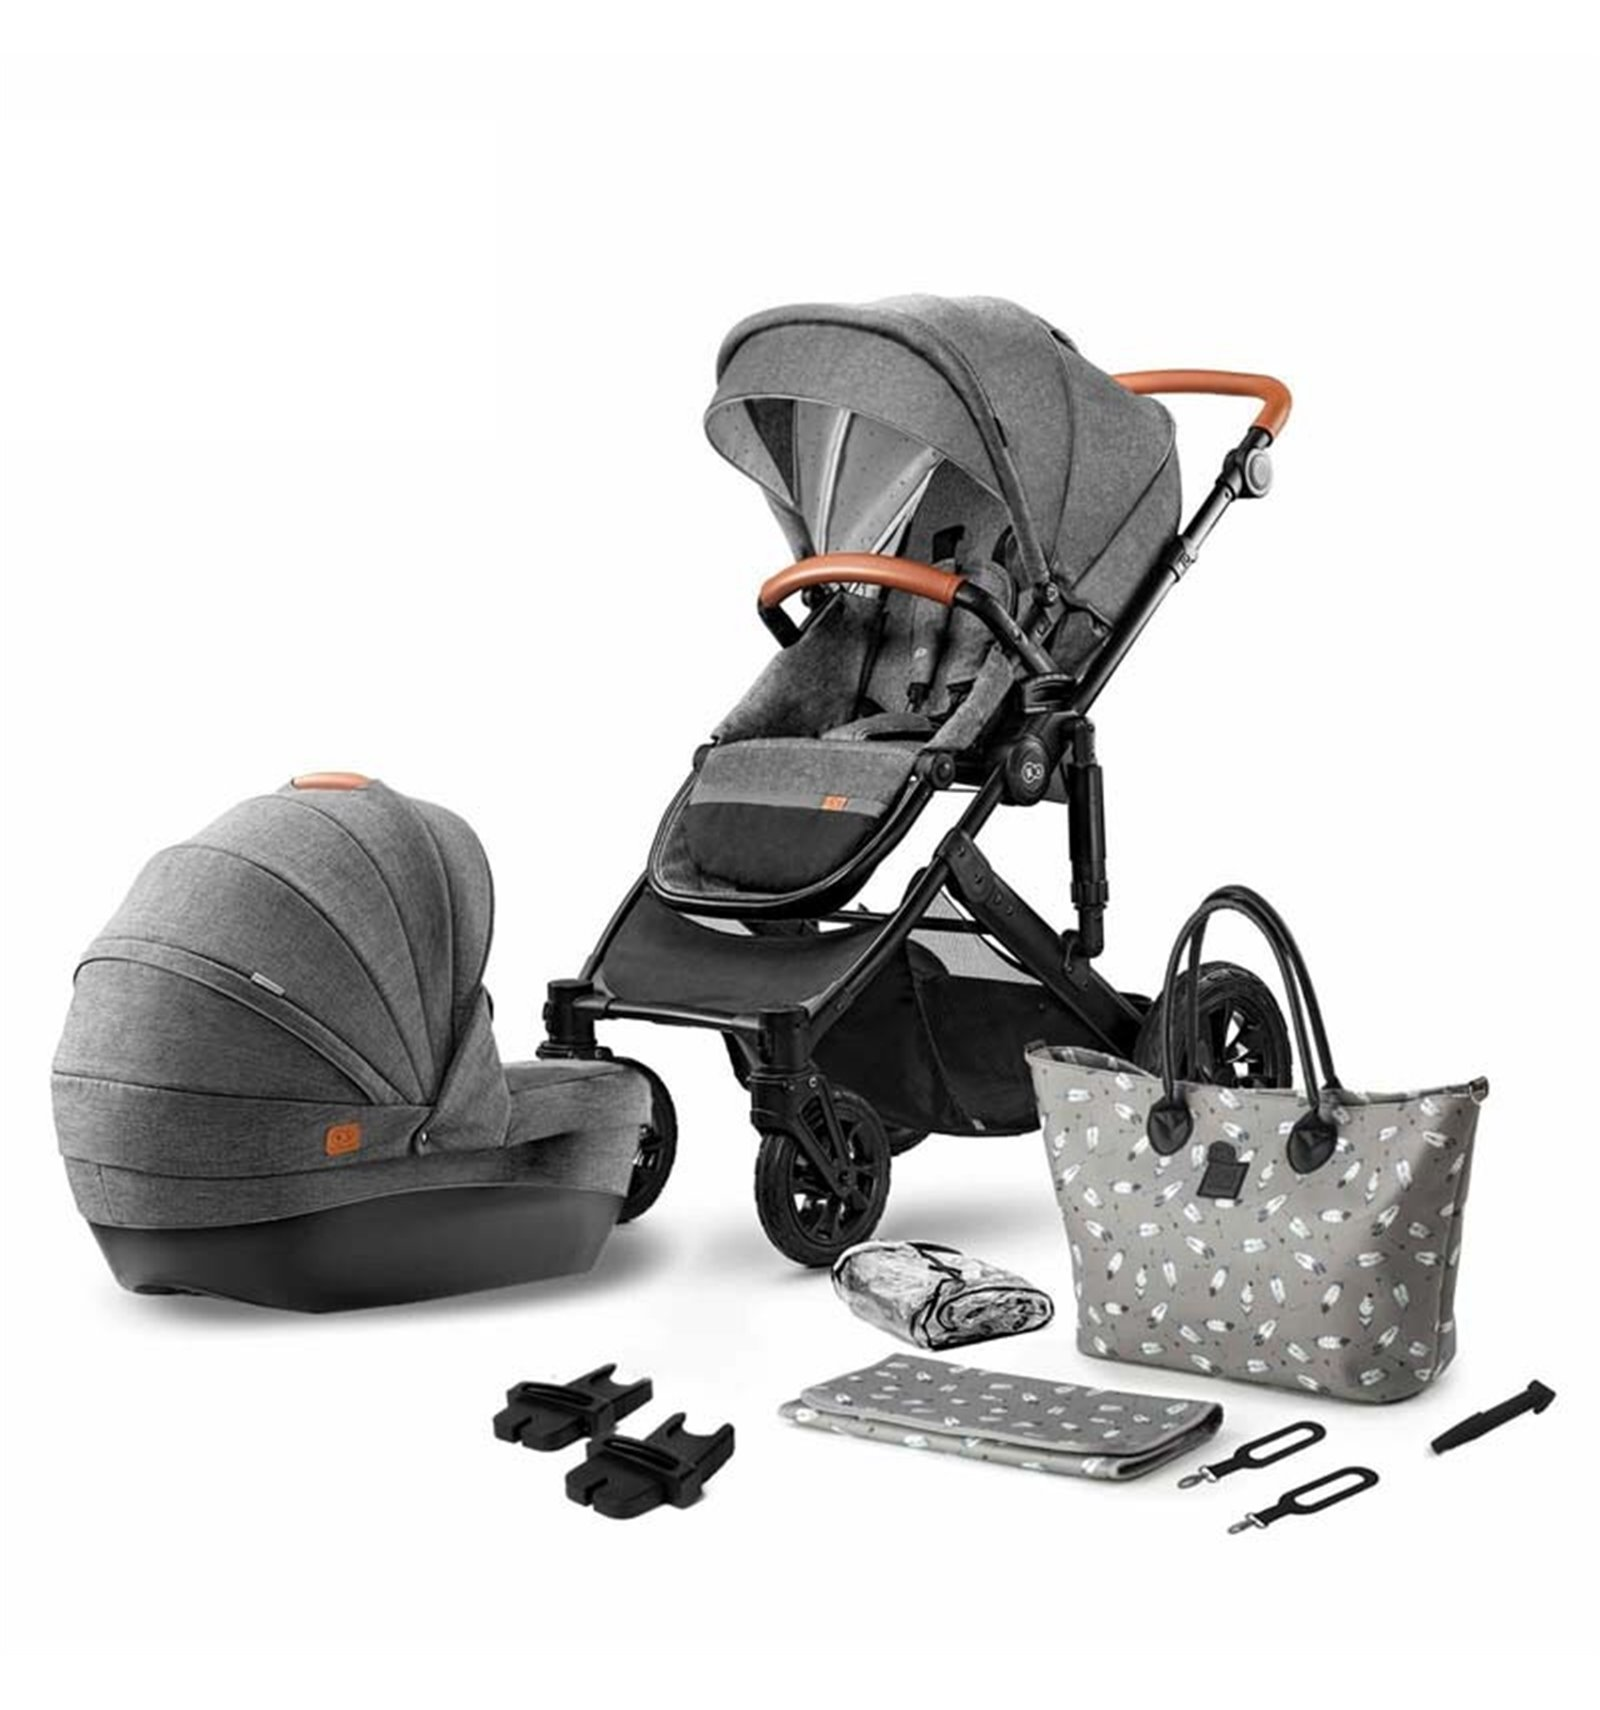 Детская модульная коляска KinderKraft Prime 3 в 1 2020